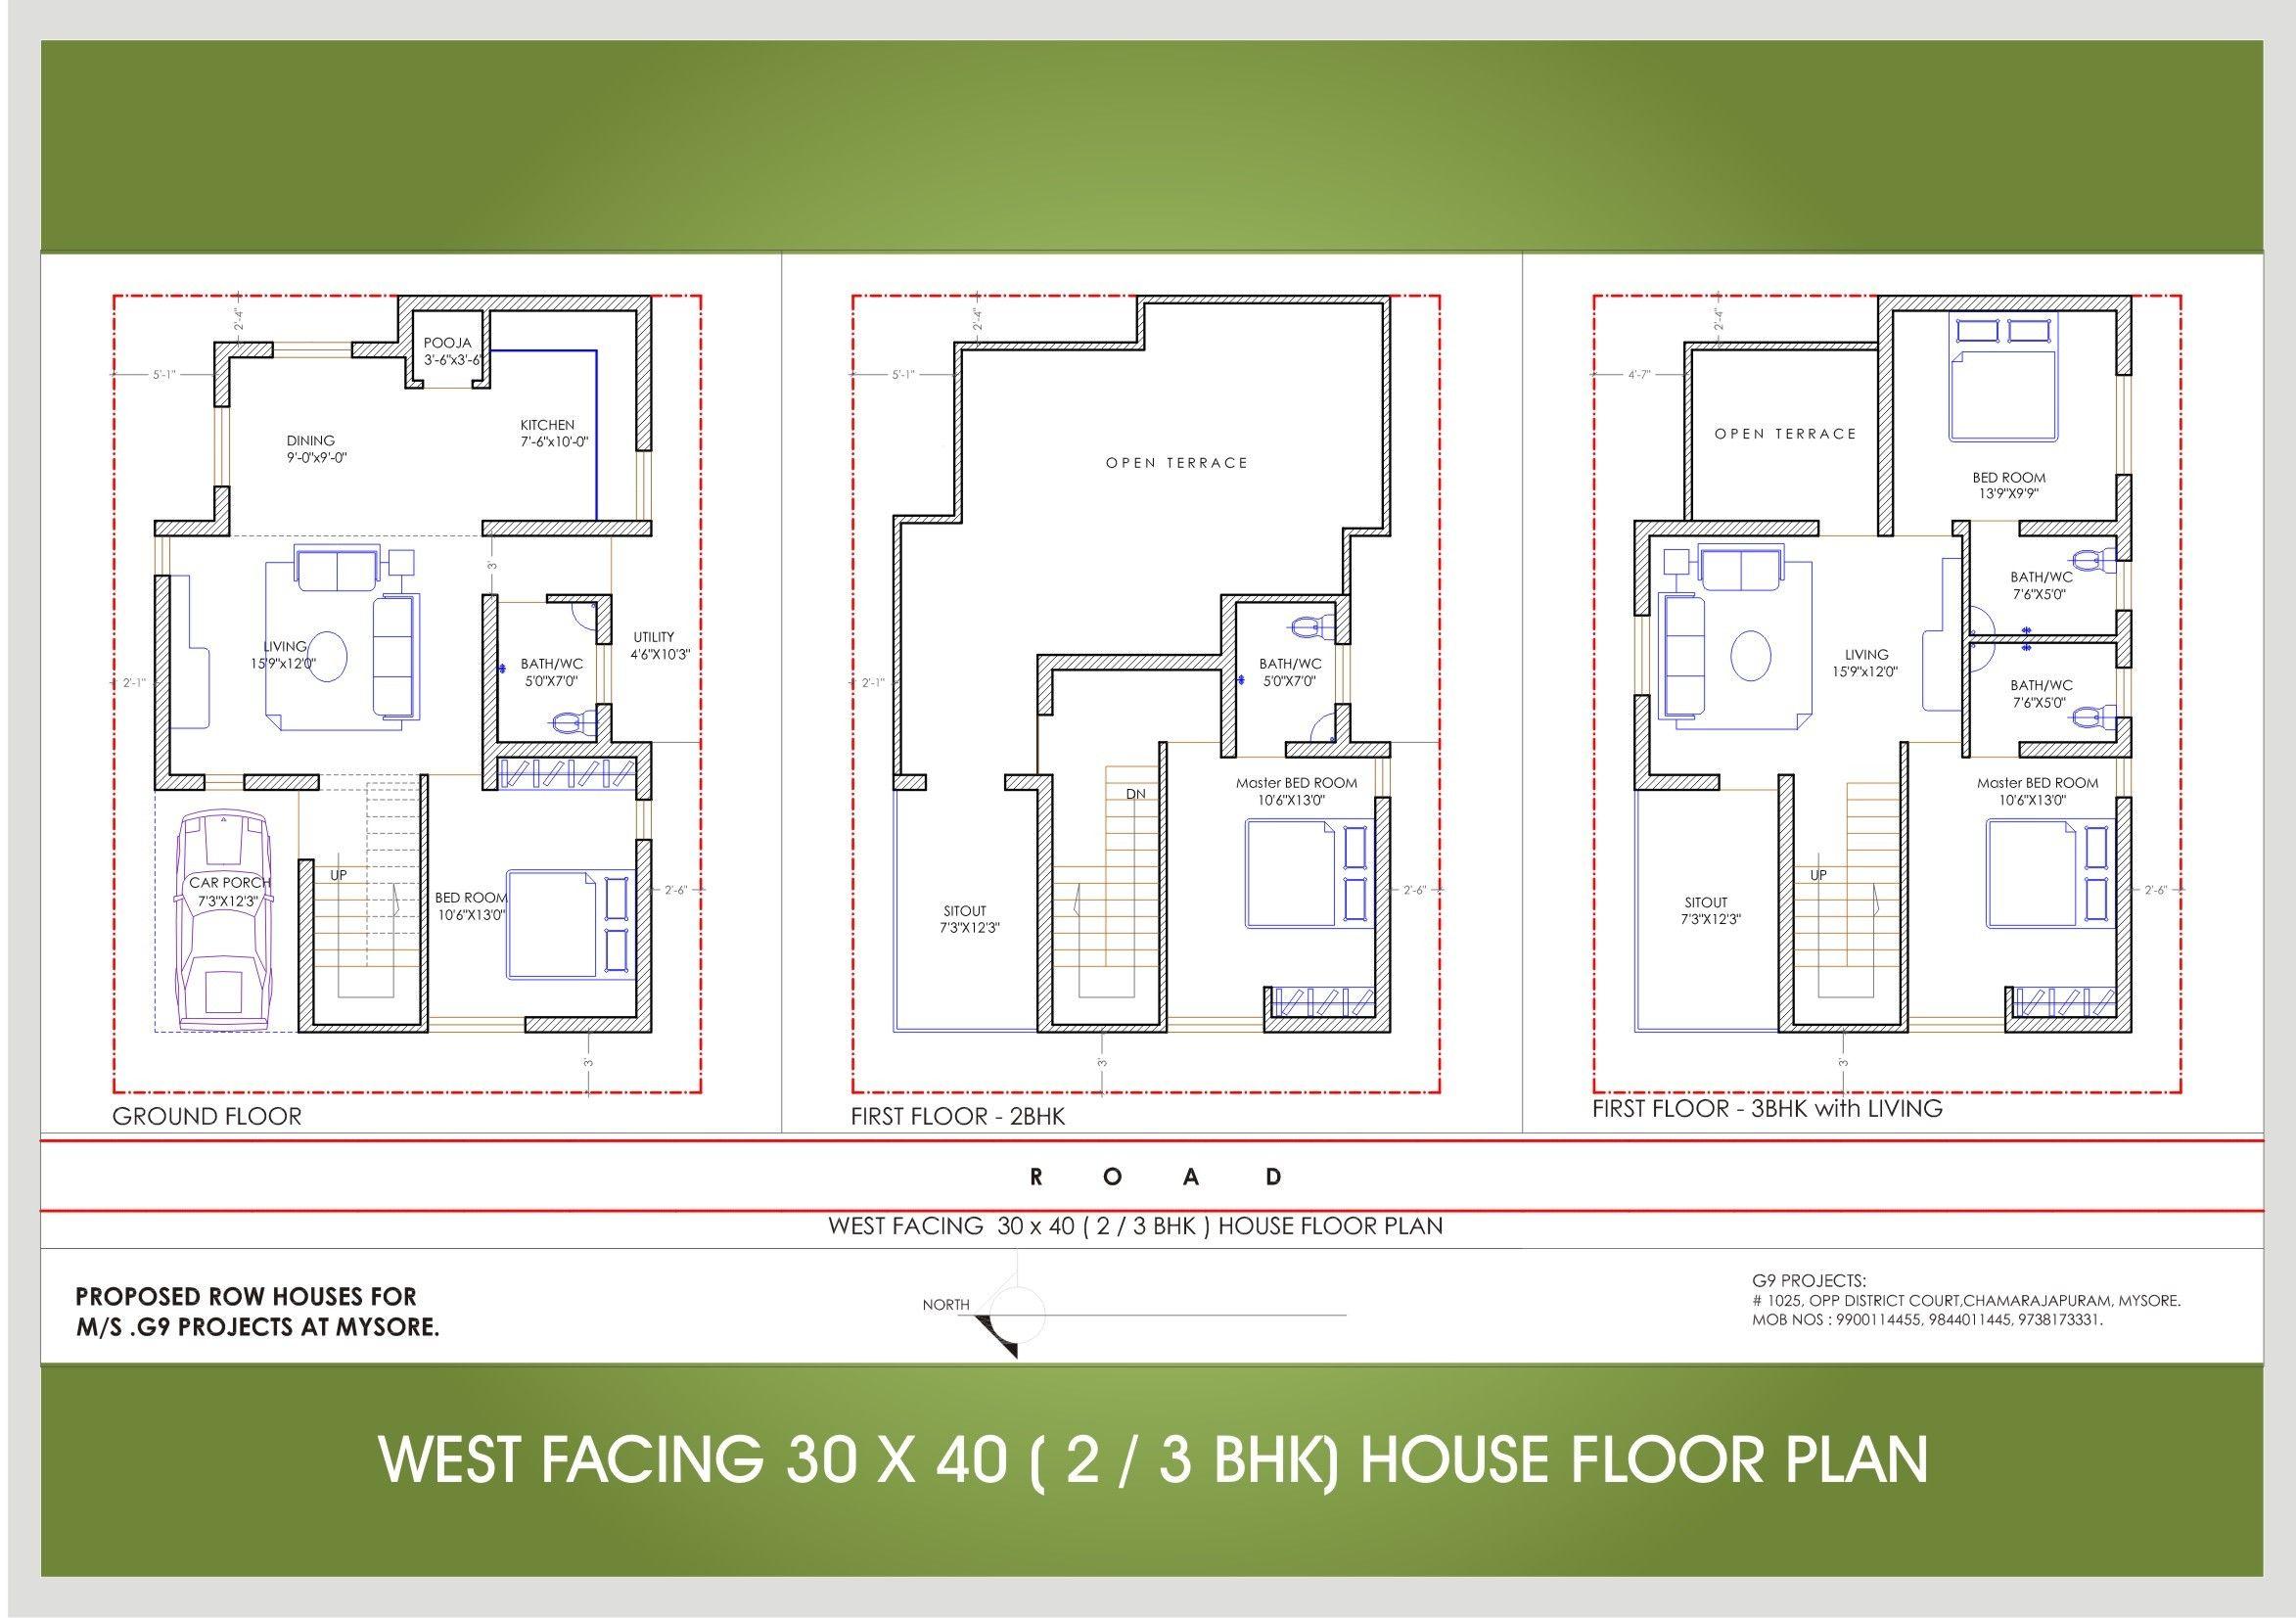 Photos Of 30 40 Duplex House Plans House Plans Duplex House Plans New House Plans